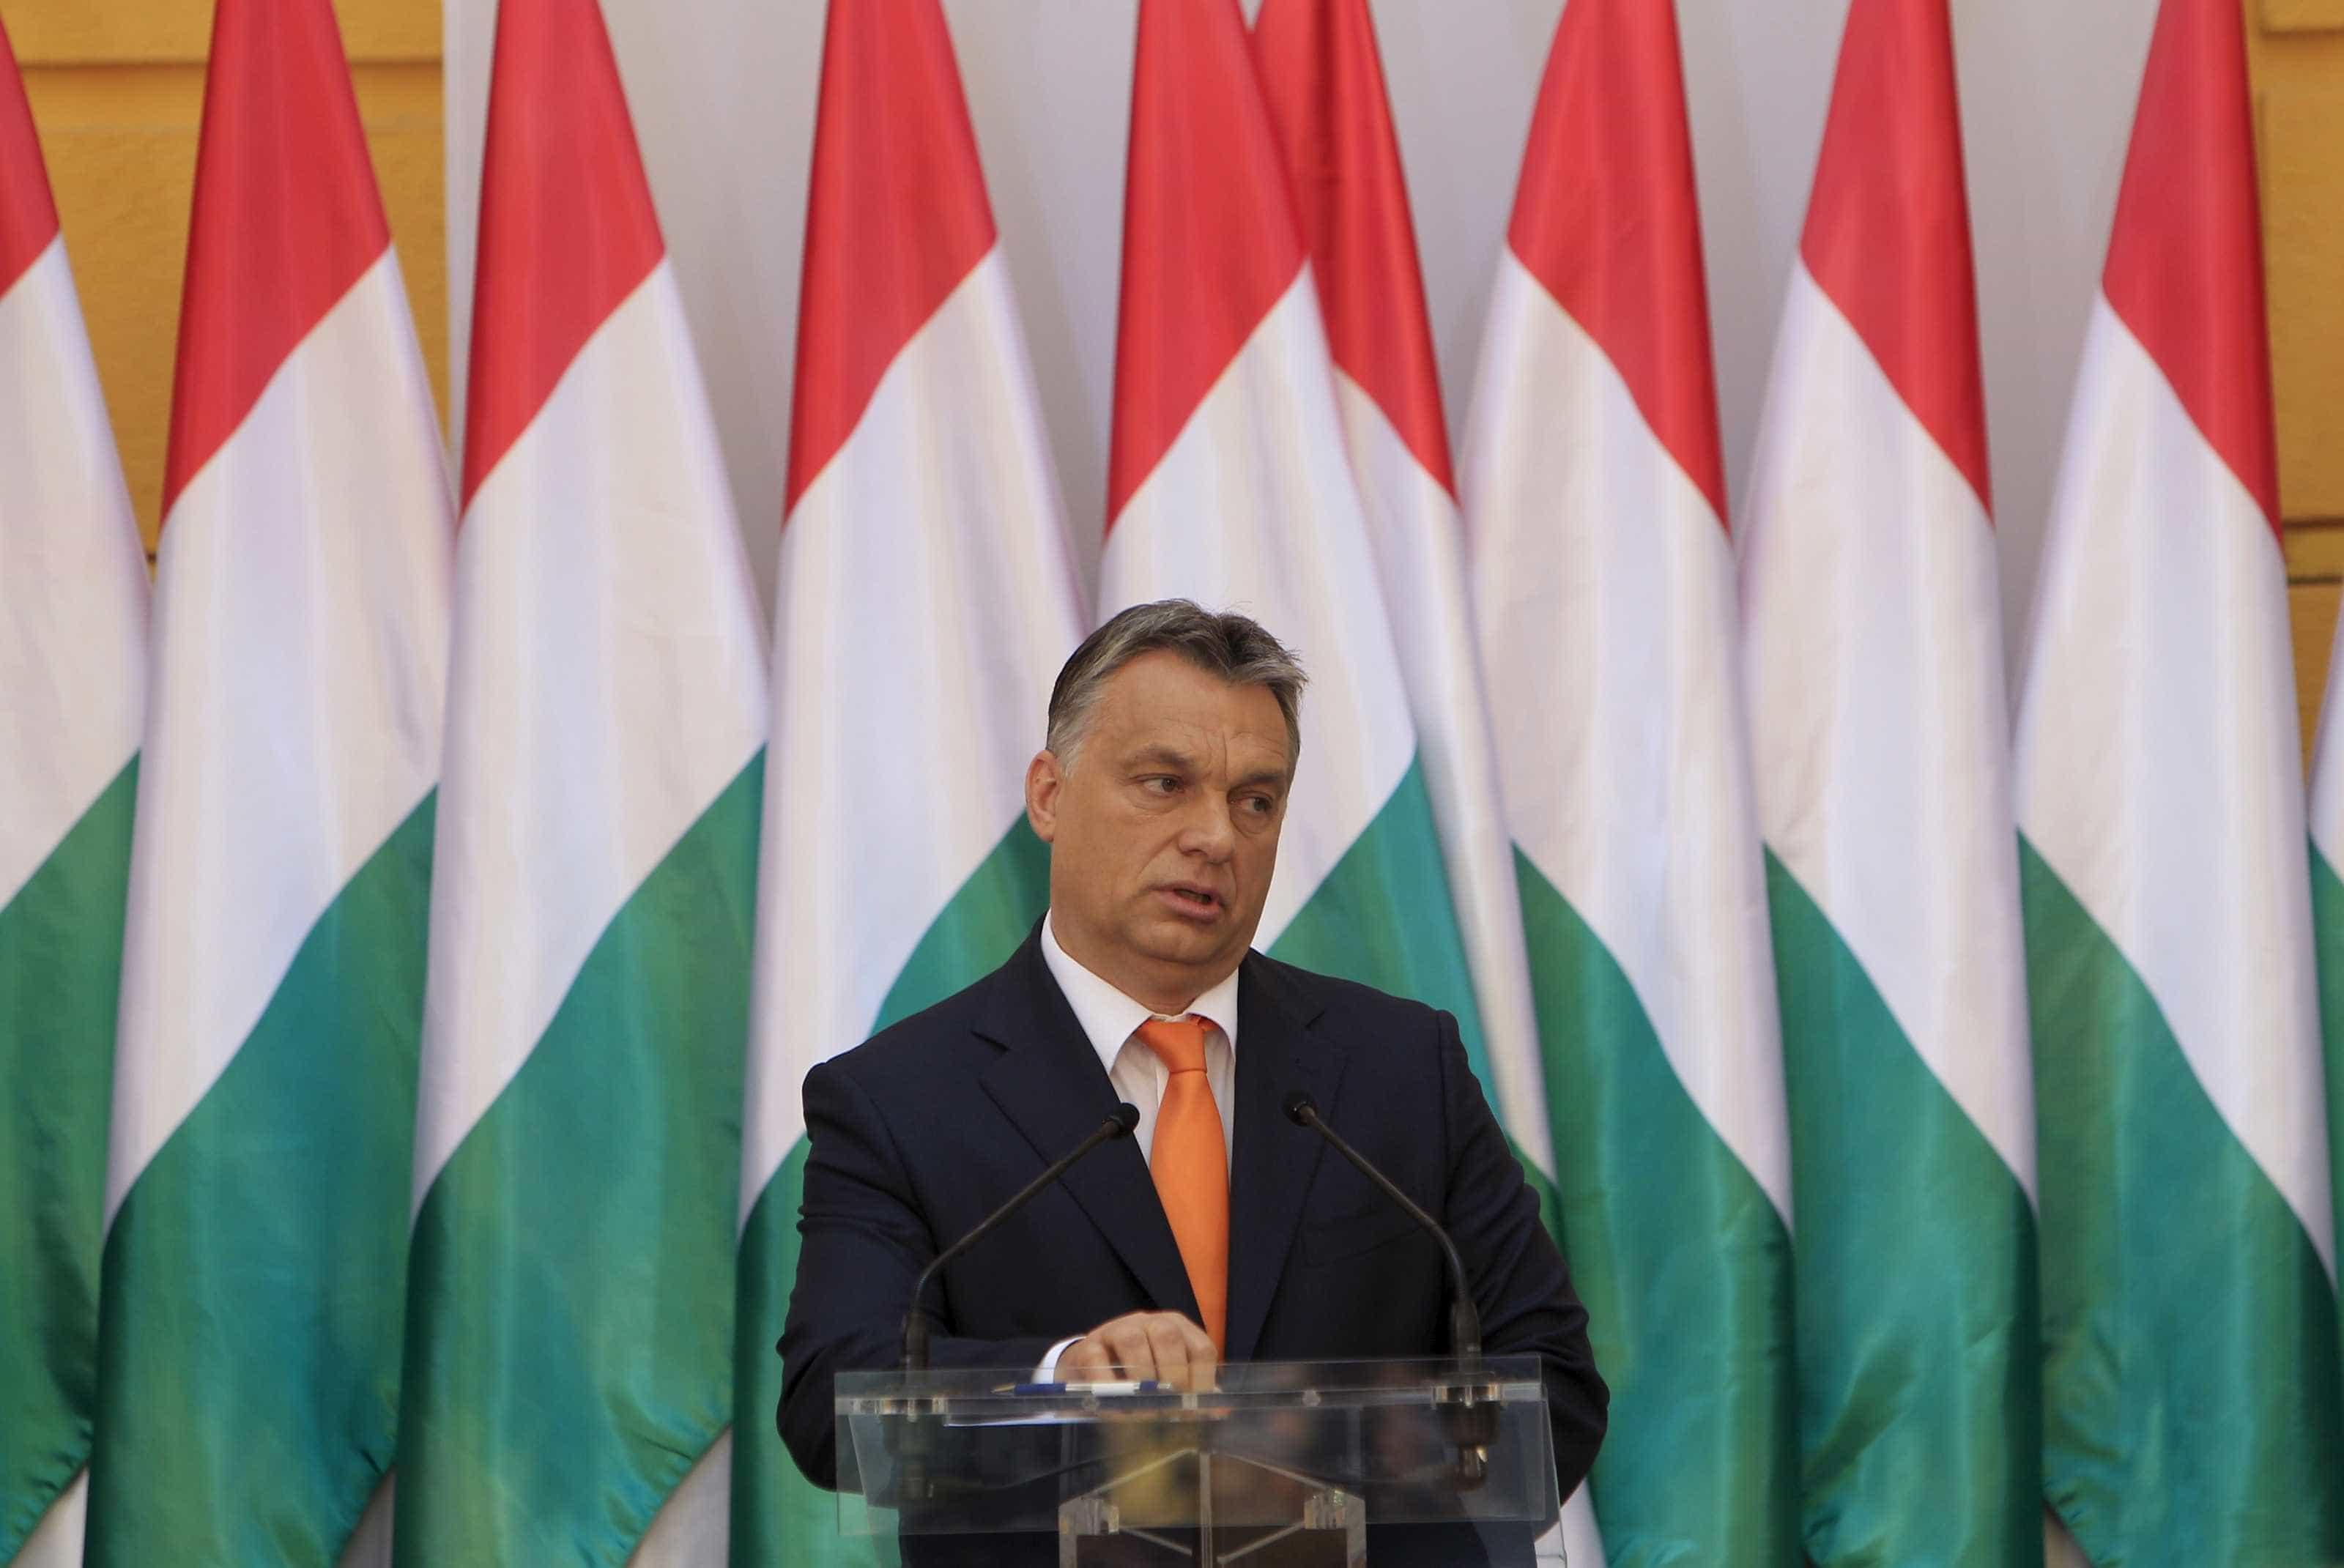 Partido Popular Europeu suspende partido Fidesz de Viktor Orbán